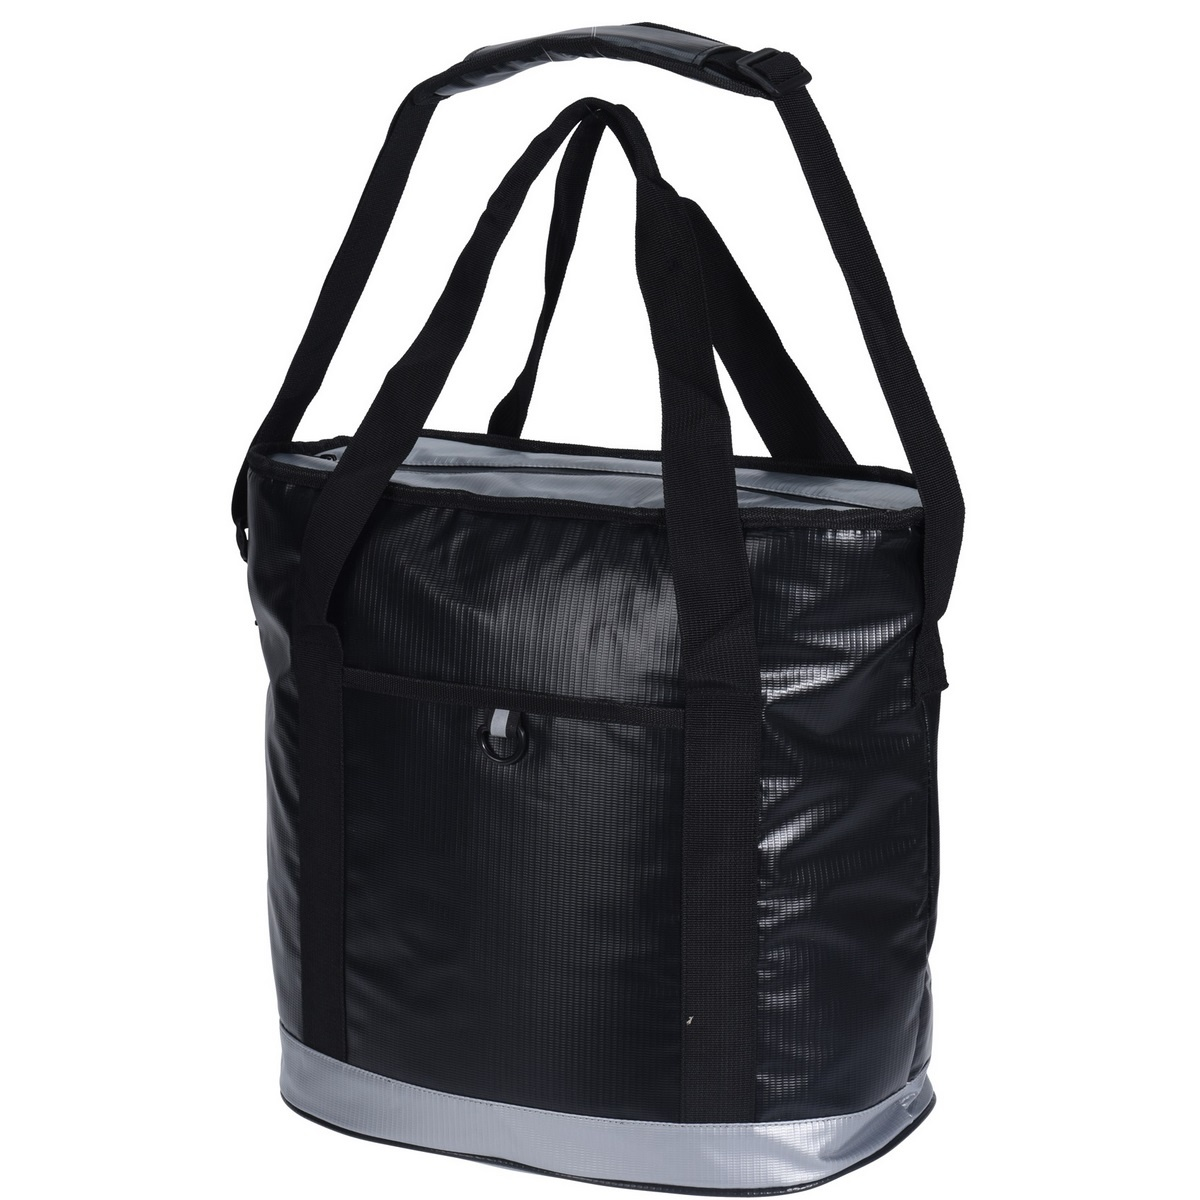 8ece0900ae Chladiaca taška veľká dekor 09020